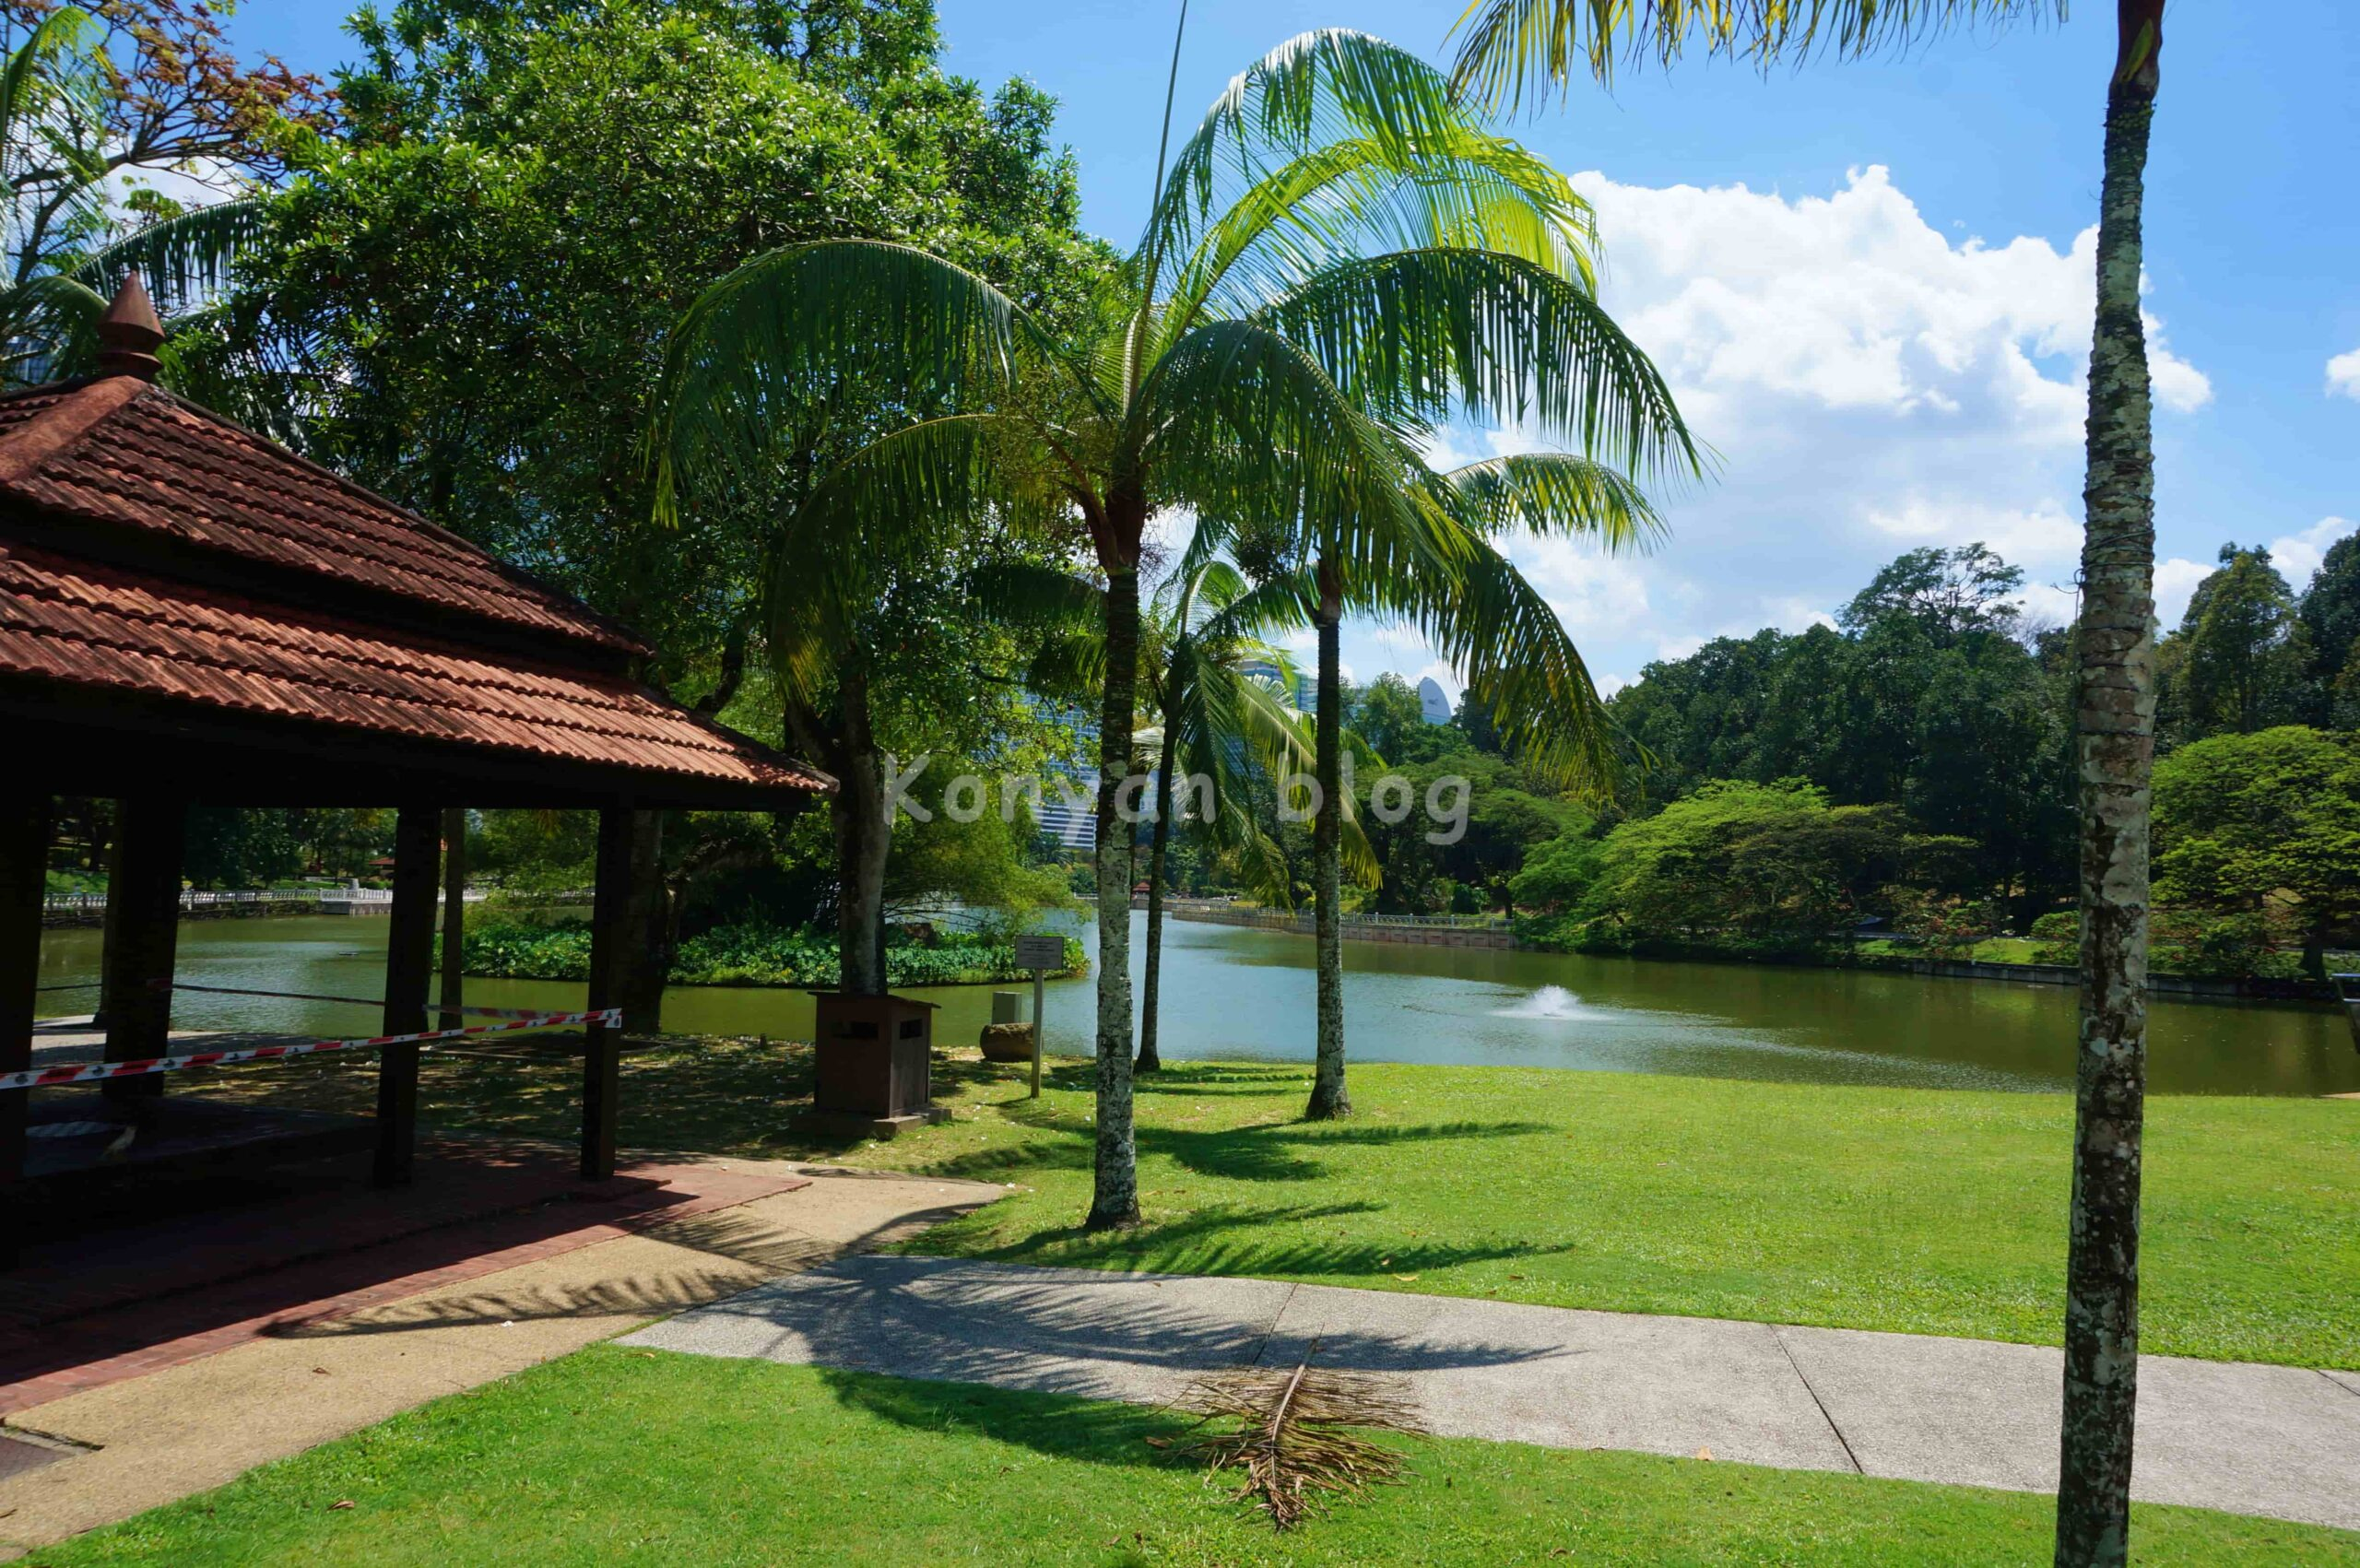 Perdana植物園 池